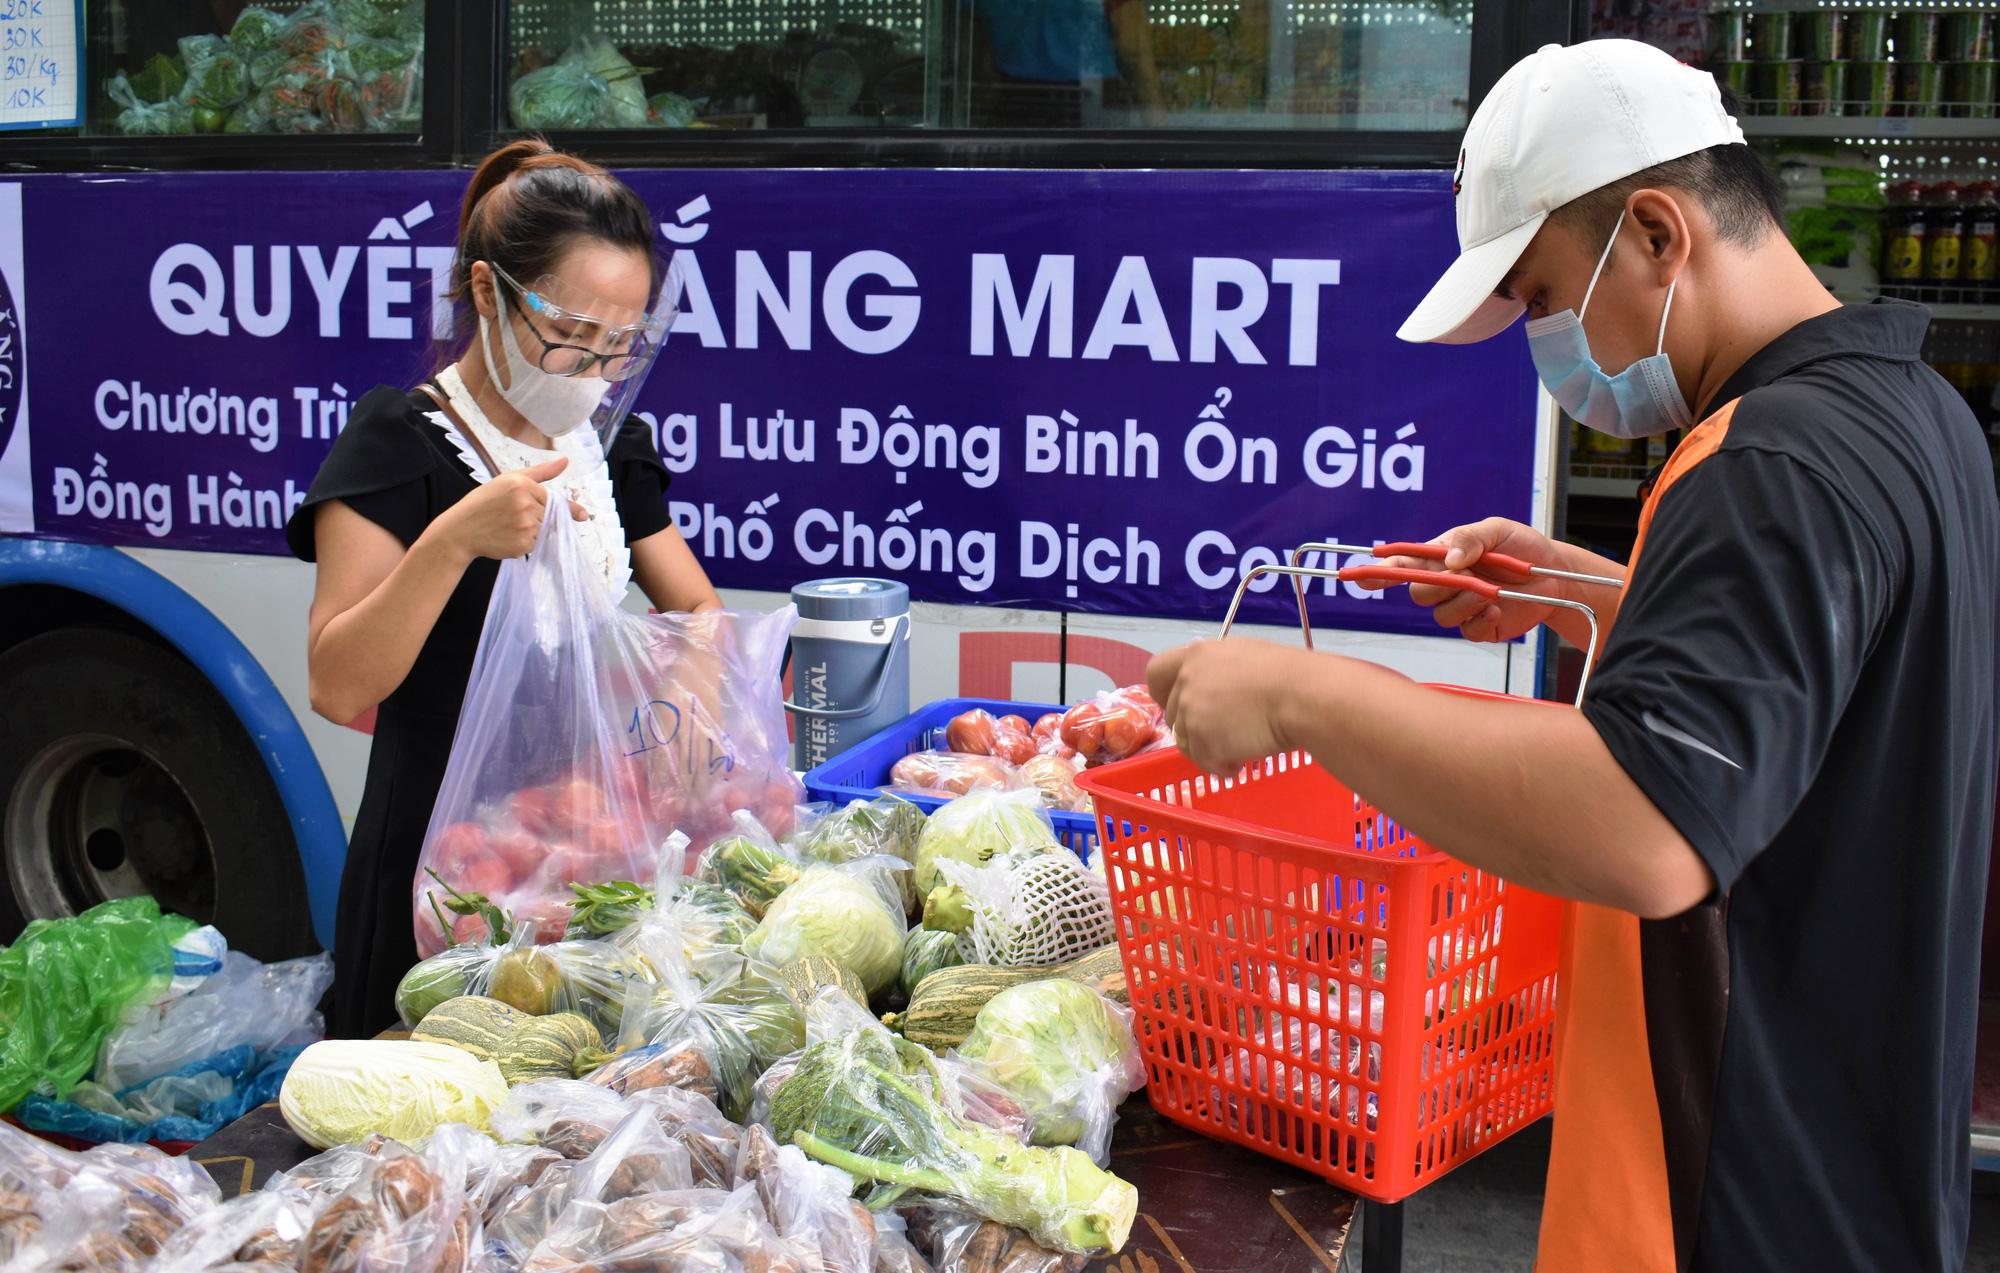 """Nha Trang: """"hô biến xe buýt"""" thành cửa hàng di động phục vụ rau, củ, quả,... - Ảnh 2."""